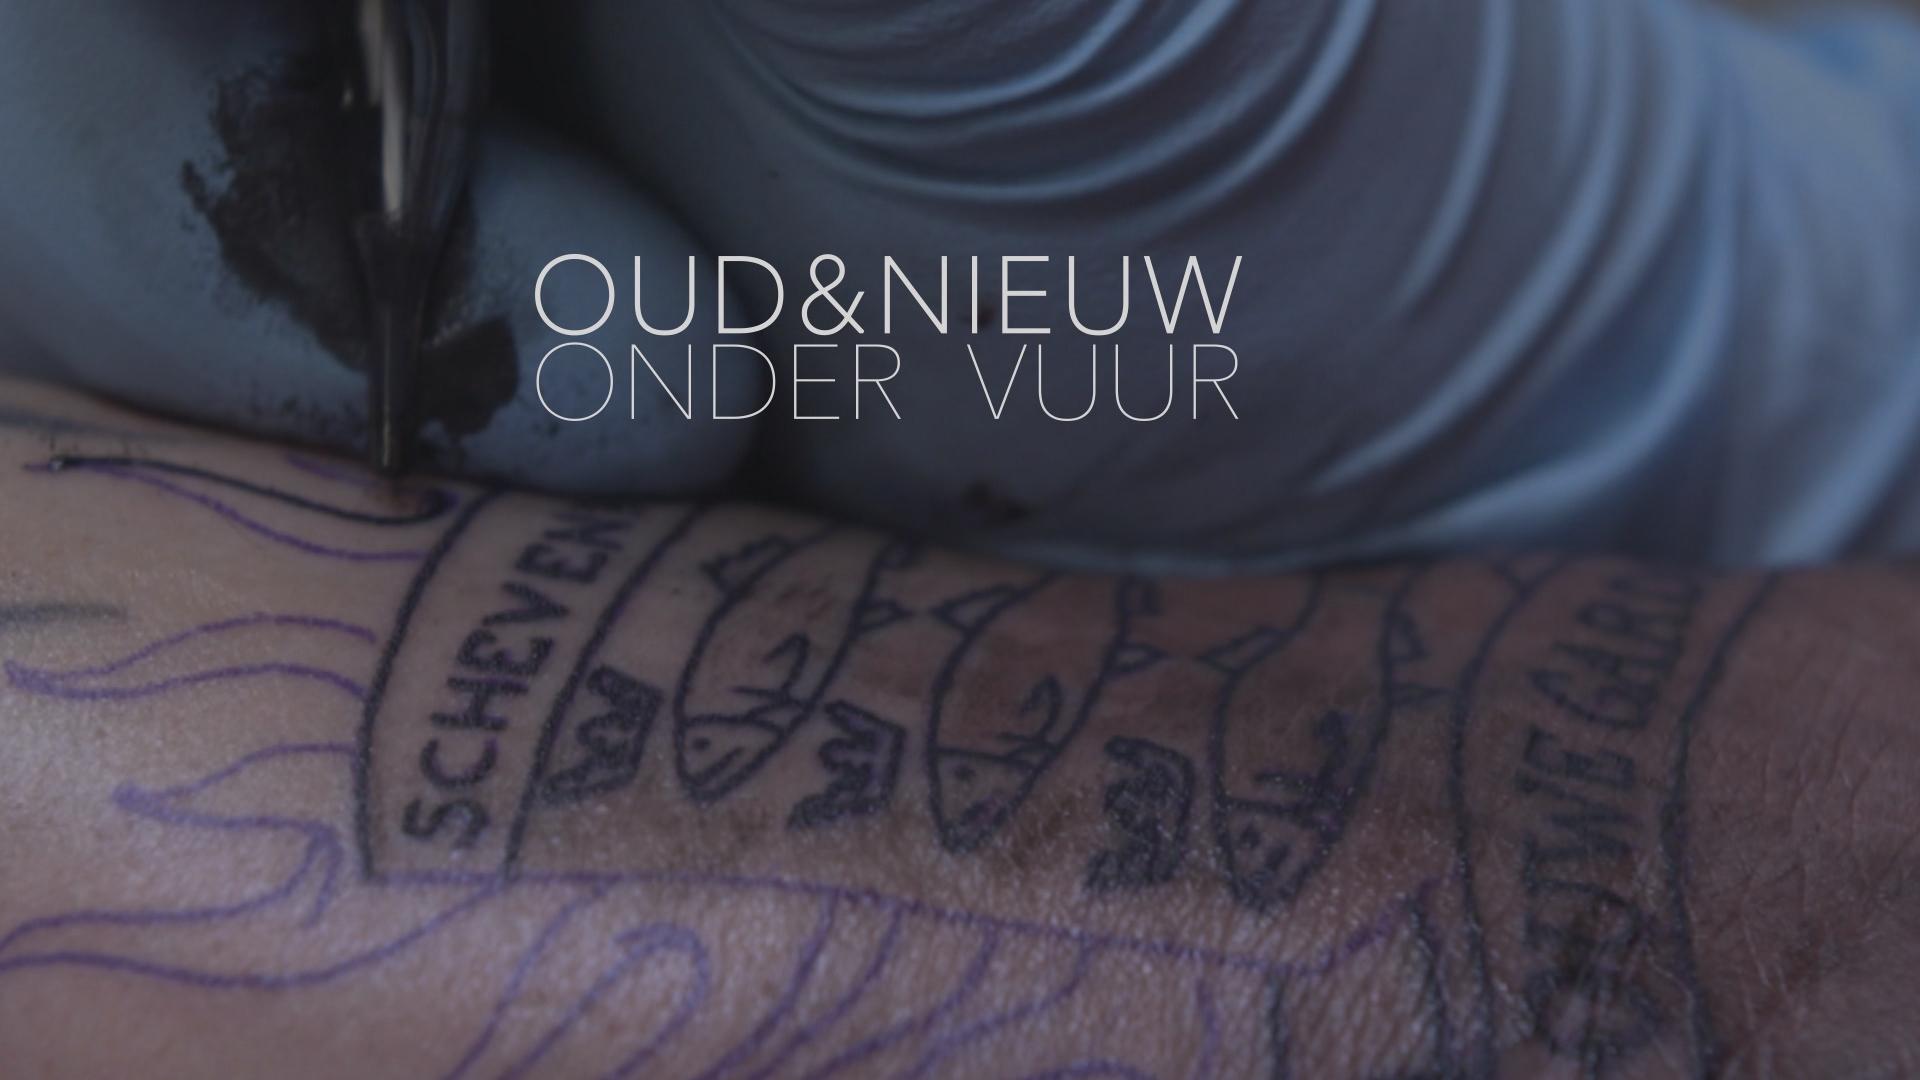 Oud & Nieuw Onder Vuur